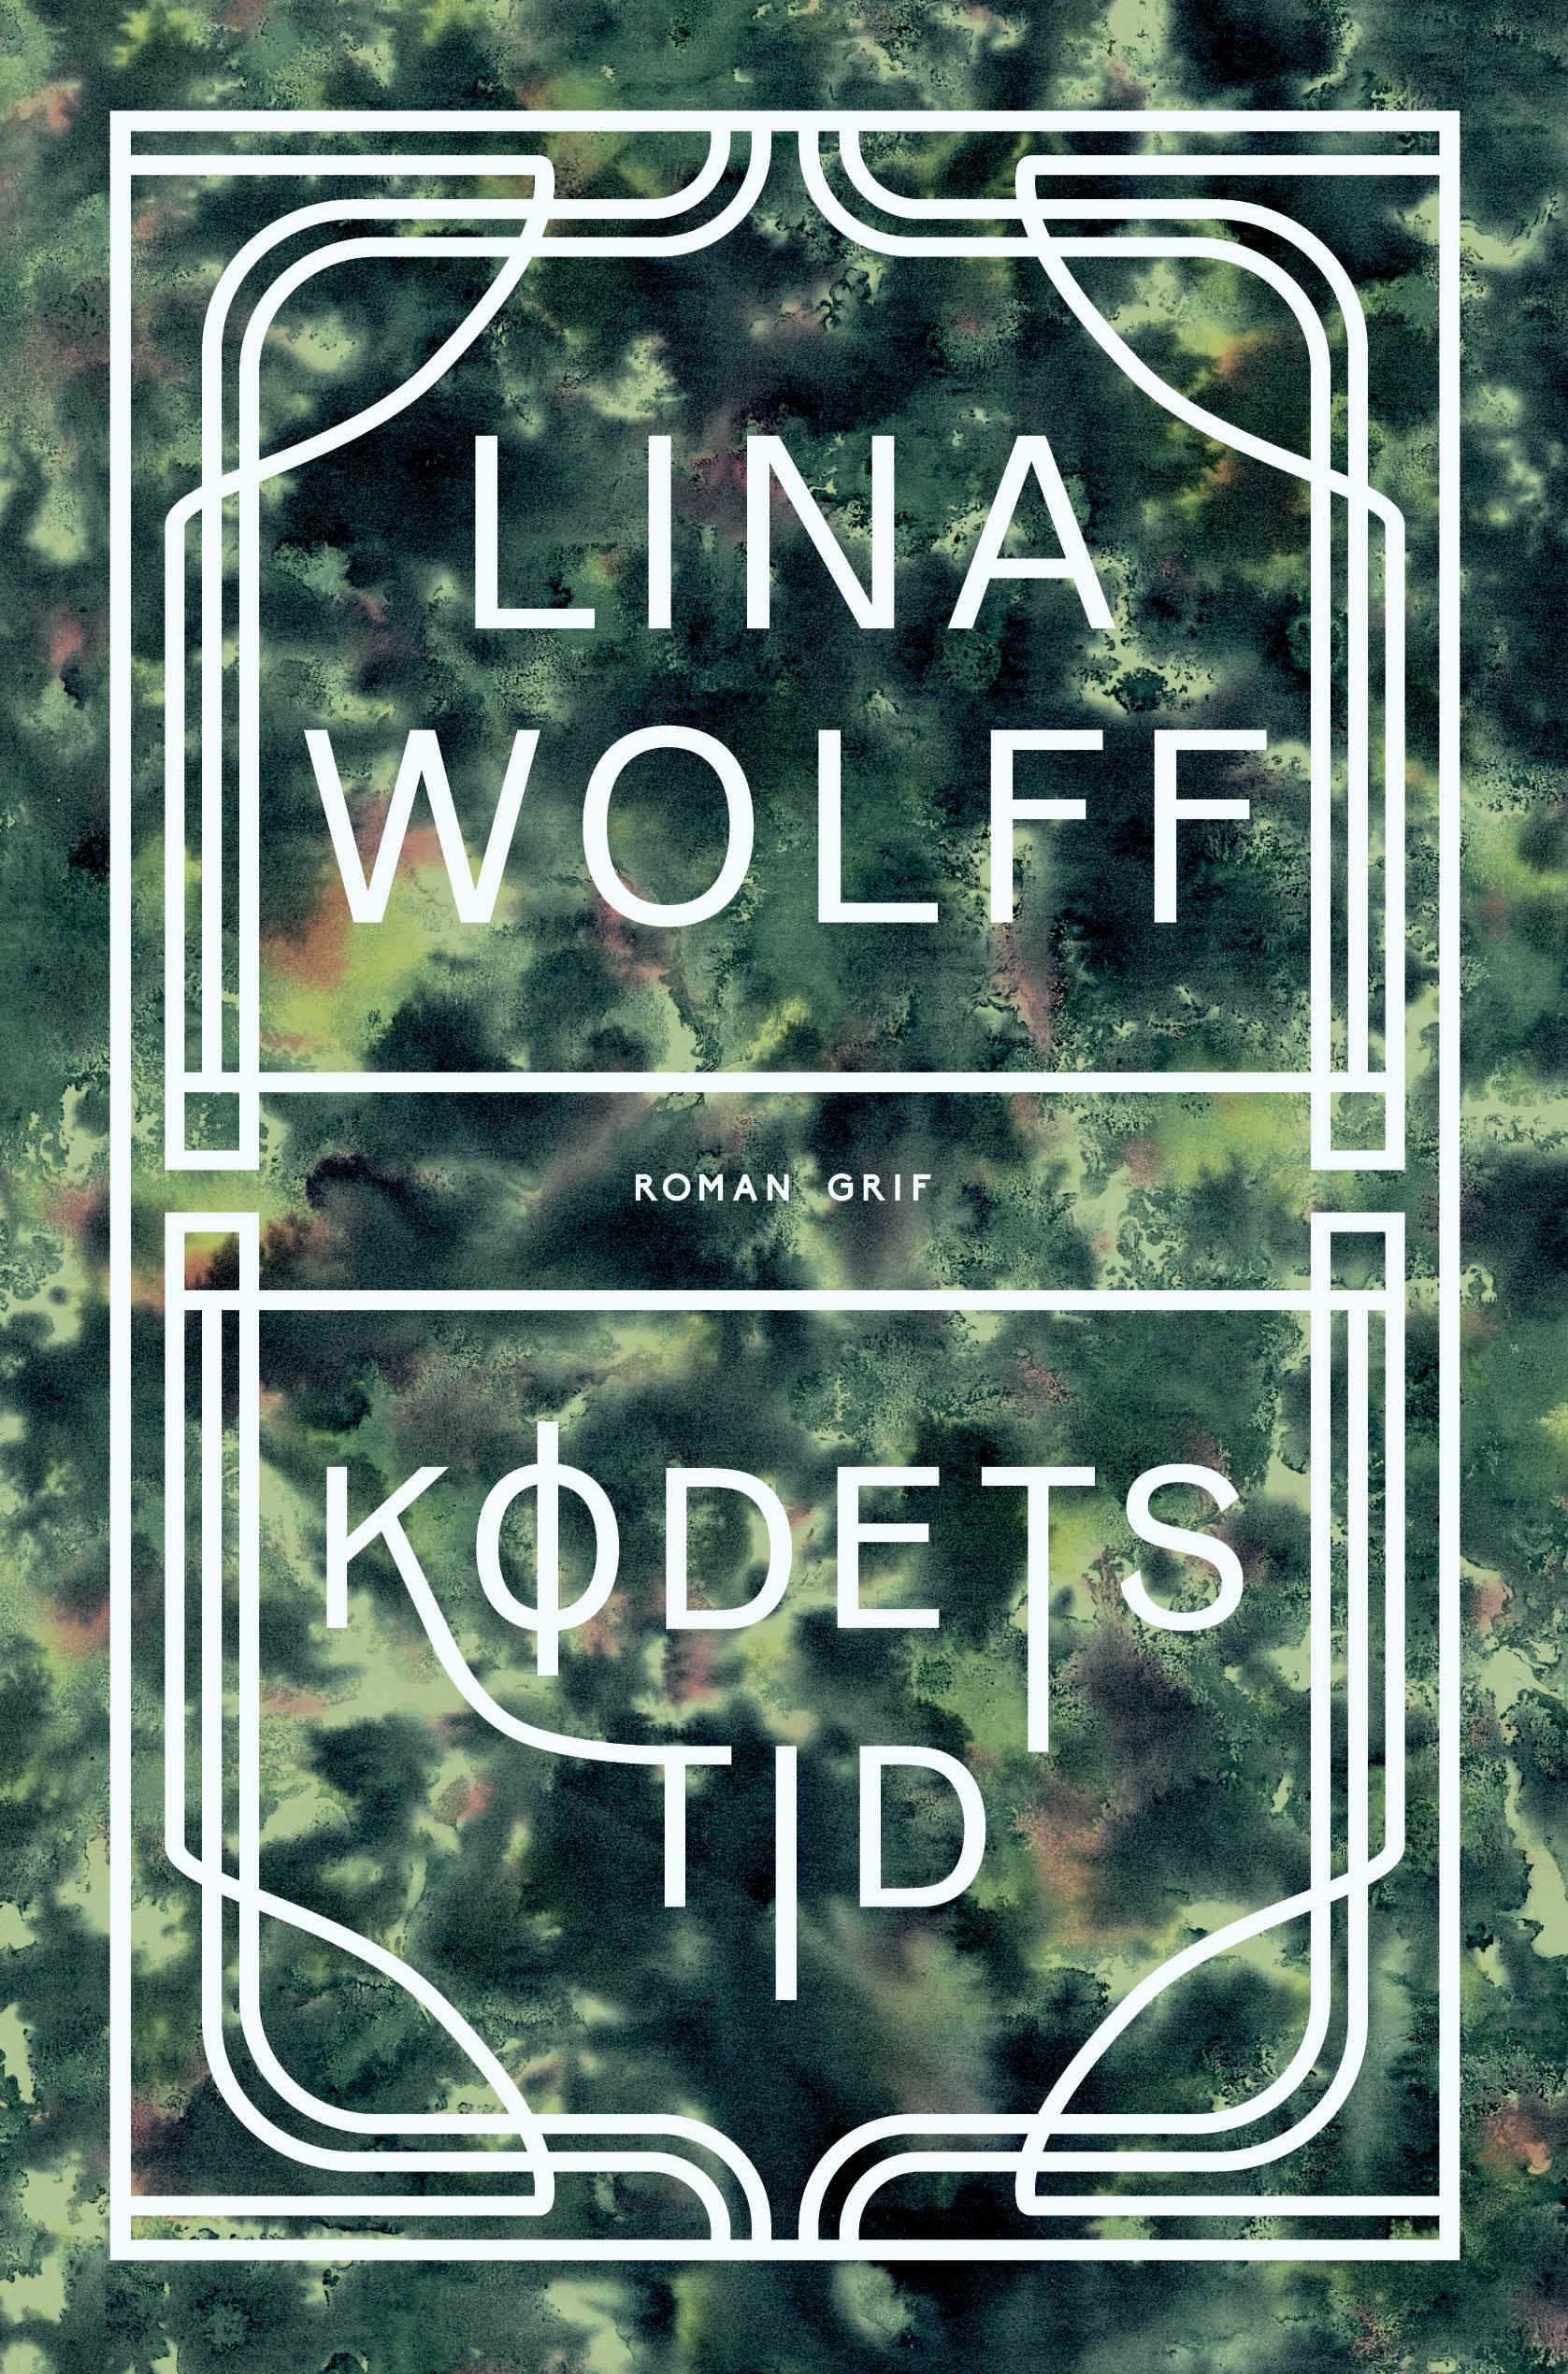 Kødets tid - Lina Wolff - Bøger - Grif - 9788793661912 - May 7, 2021